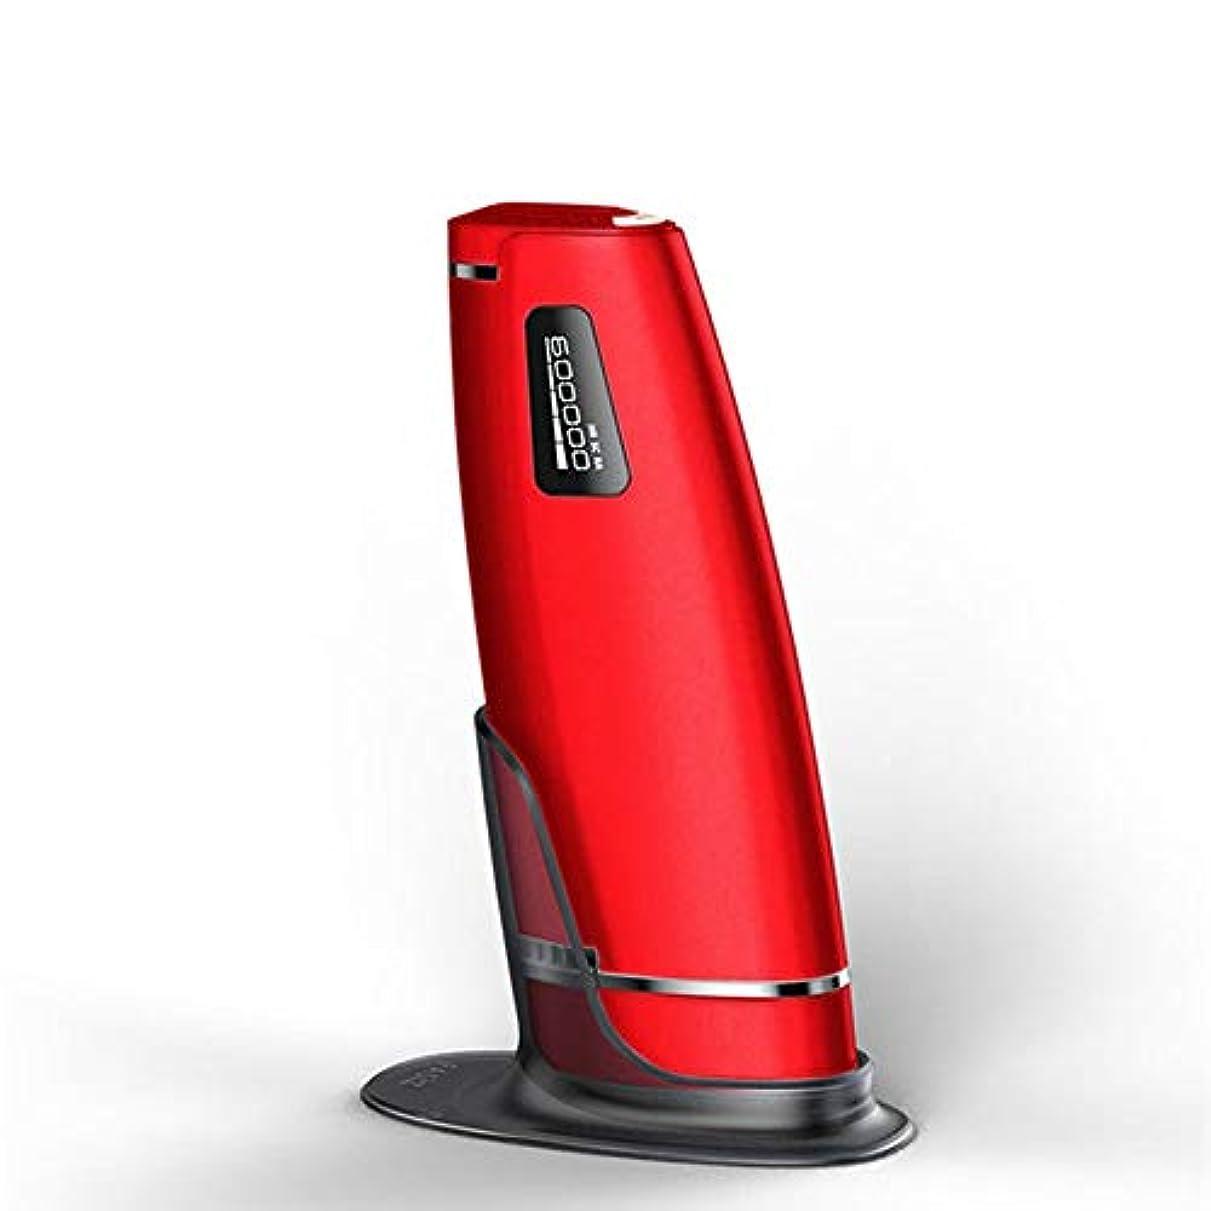 蜂師匠スクリーチIku夫 赤、デュアルモード、ホームオートマチック無痛脱毛剤、携帯用永久脱毛剤、5スピード調整、サイズ20.5 X 4.5 X 7 Cm (Color : Red)